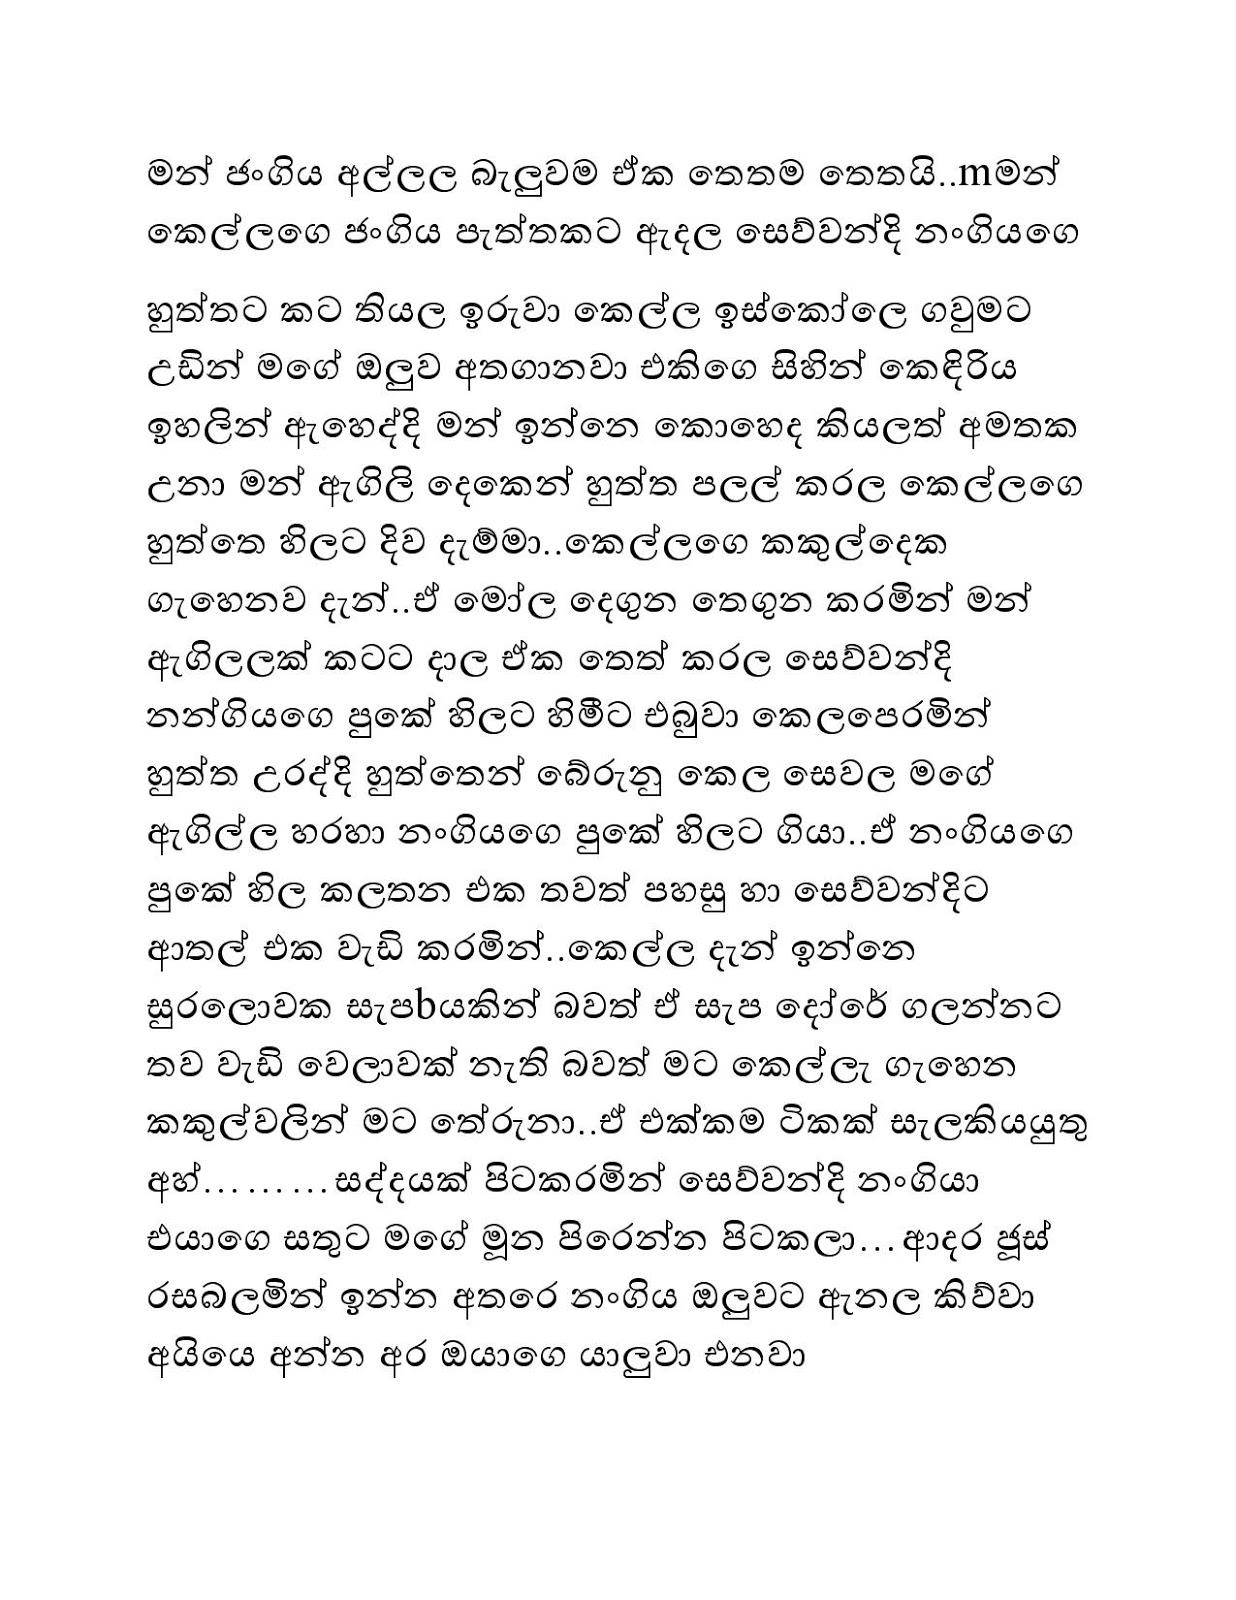 Sinhala wela kata http stmarysclinton com 25 sinhala wela katha new